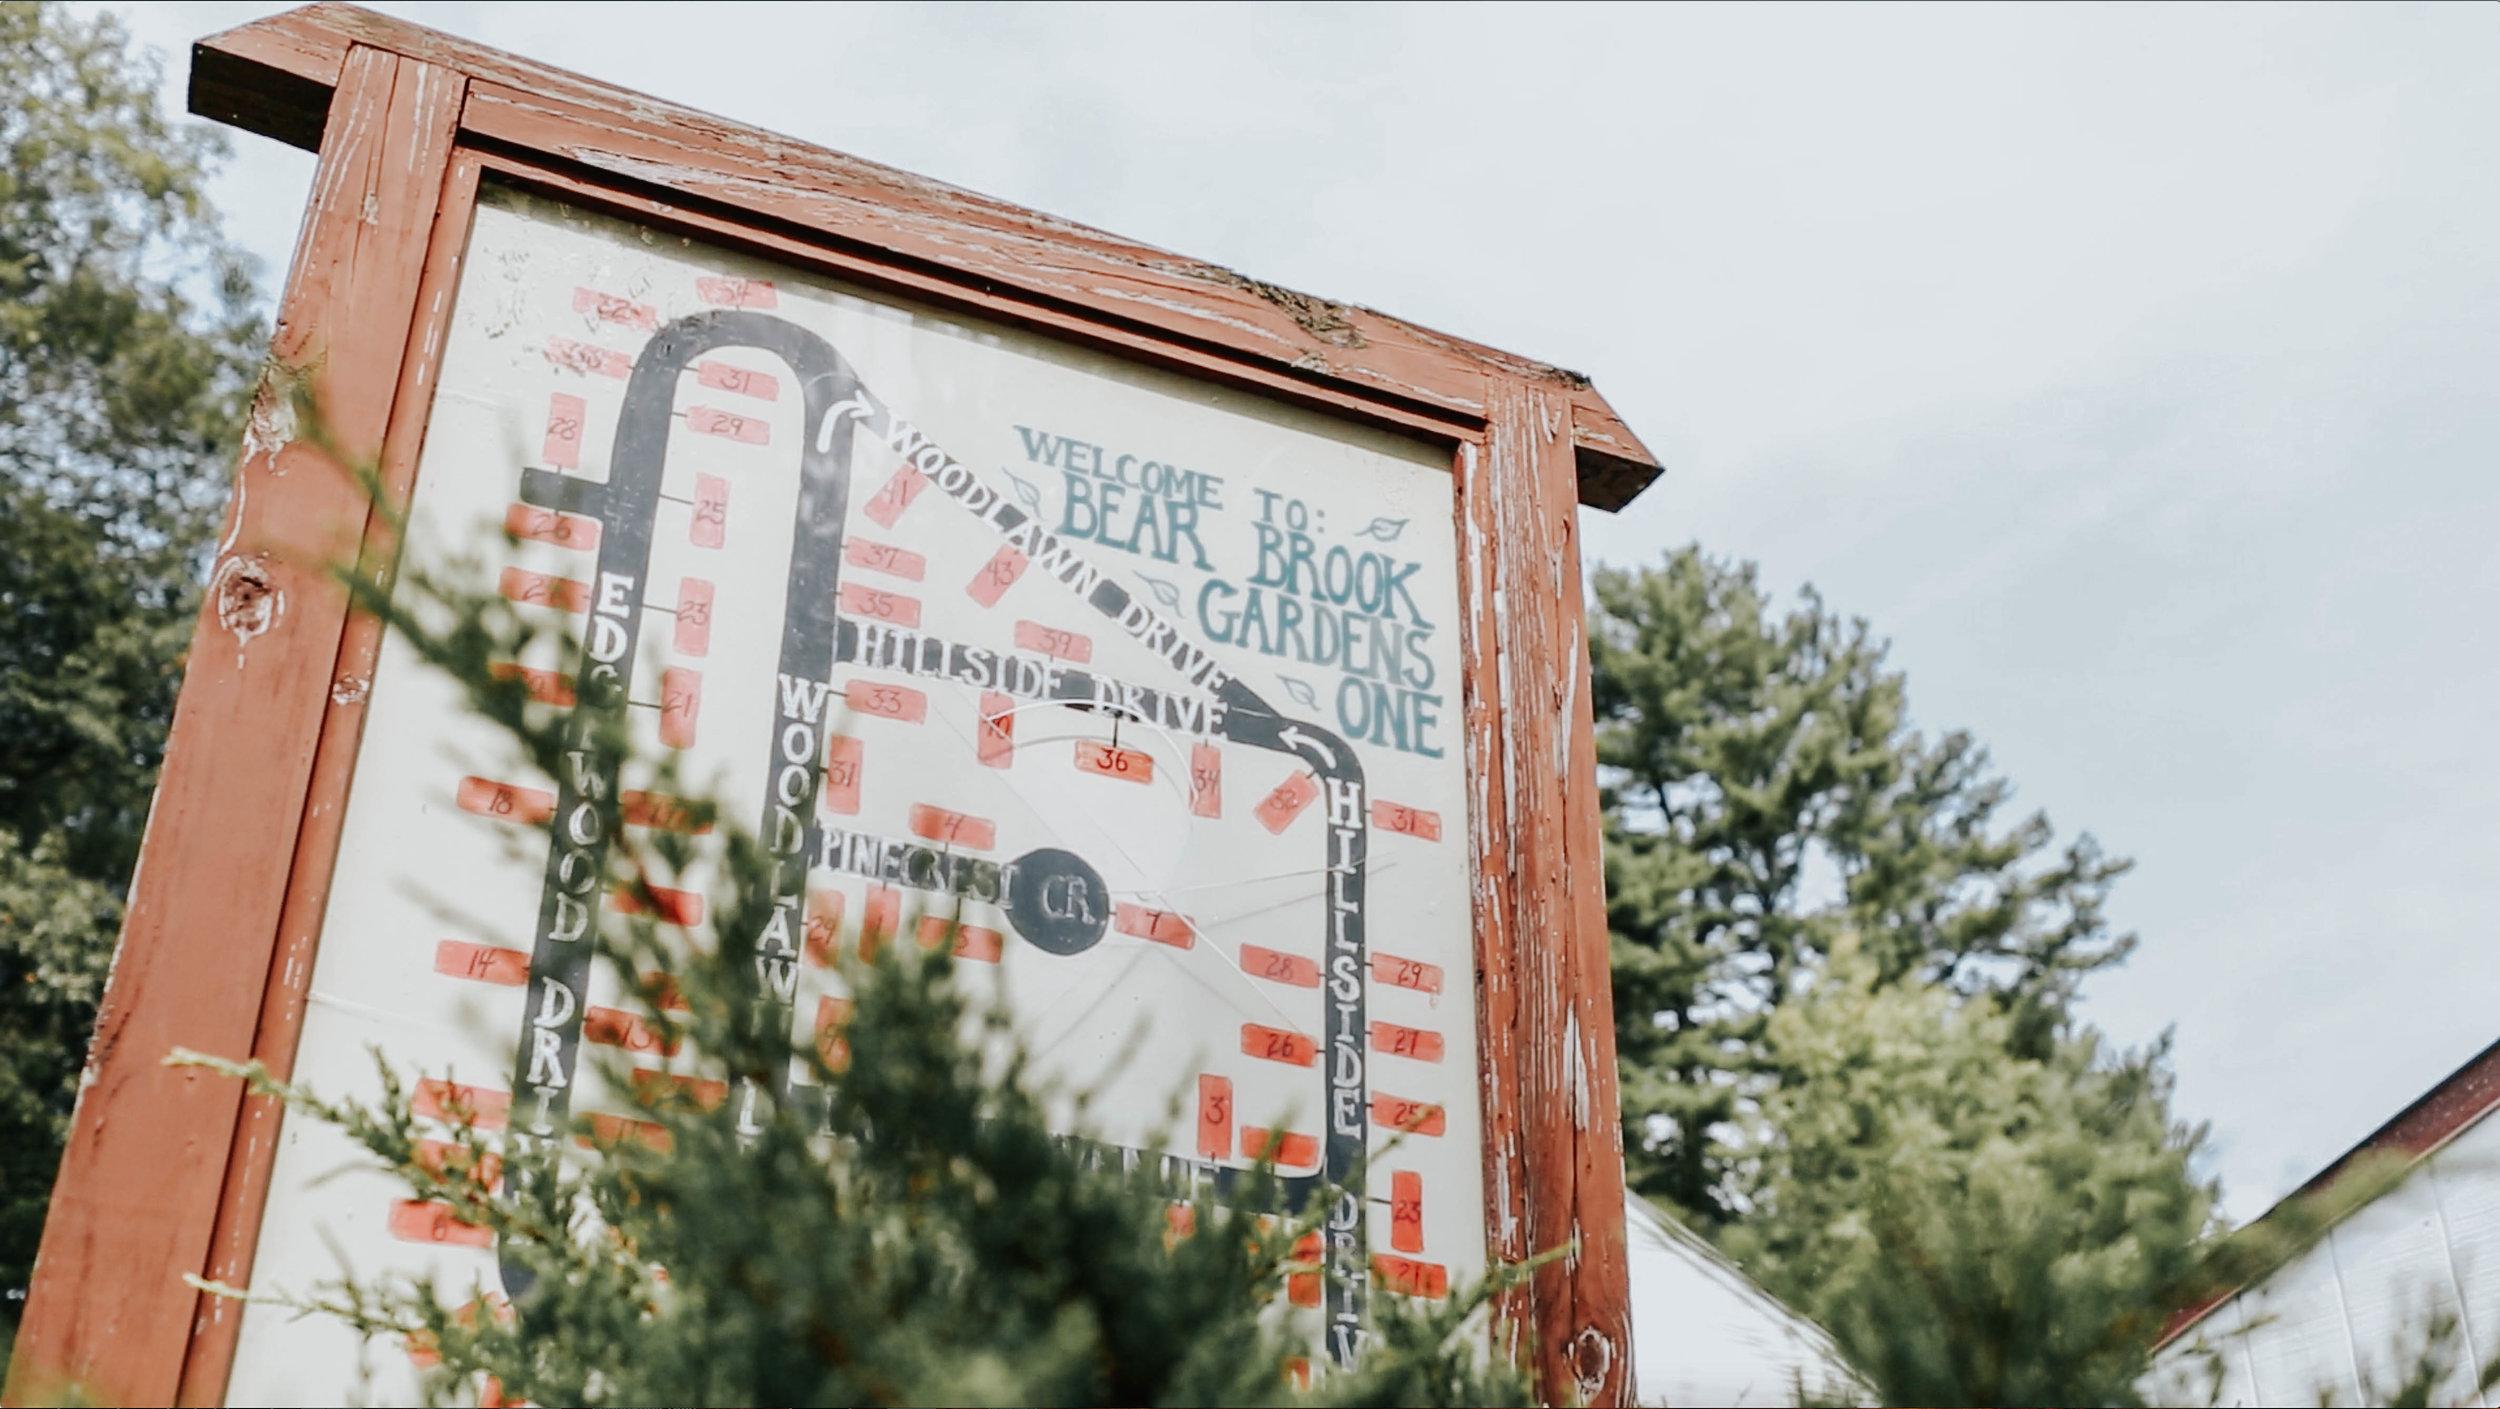 A map of Bear Brook Gardens, a neighborhood abutting the park